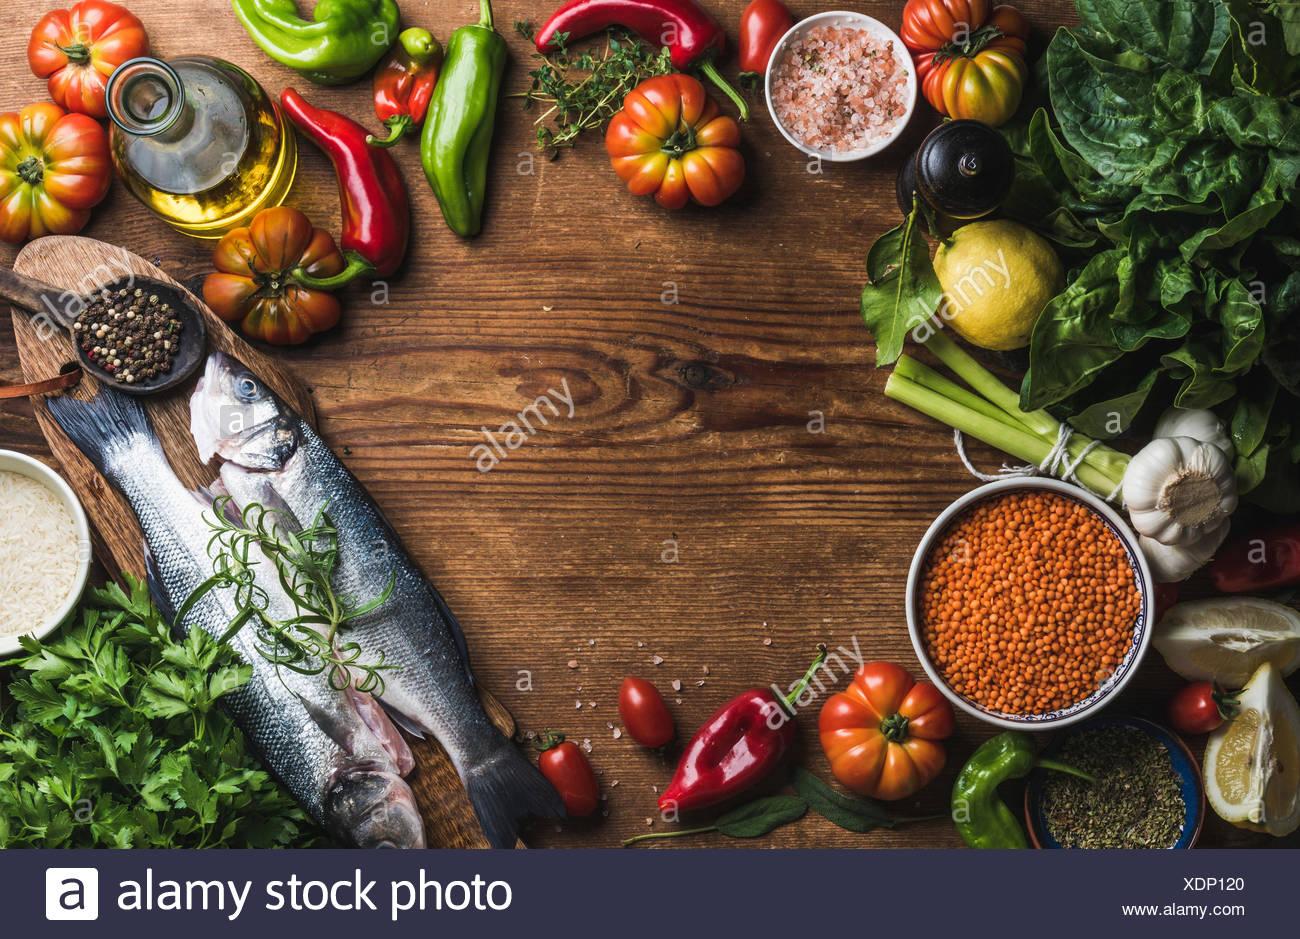 Ingrédients pour cuisiner un dîner sain. Le bar avec des poissons crus crus les légumes, les céréales, les herbes et épices plus rustique en b Photo Stock